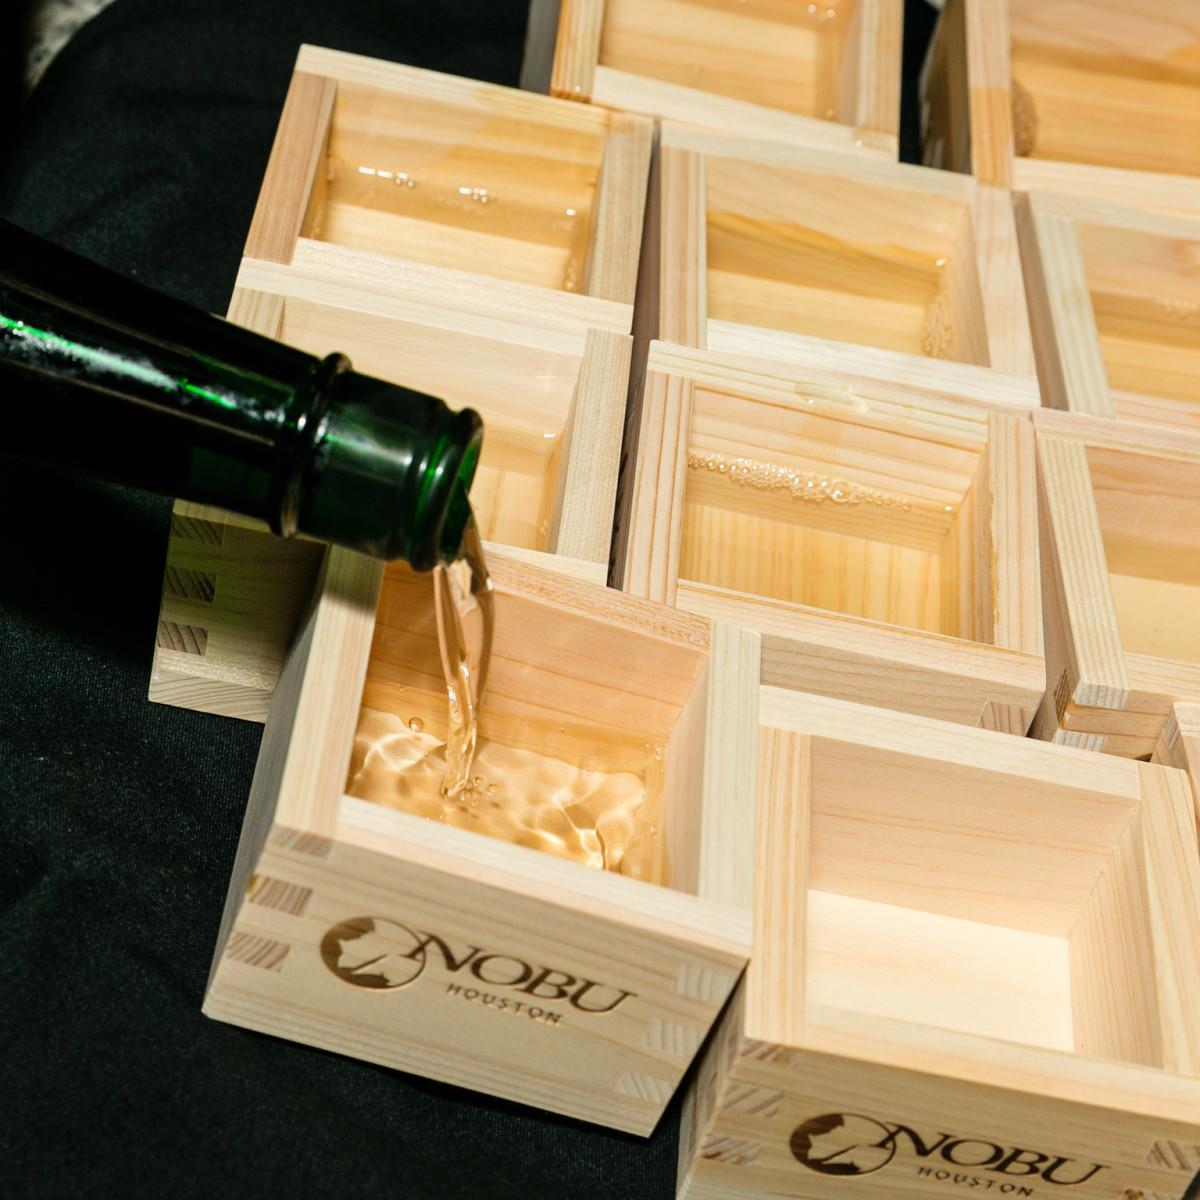 Nobu opening party pouring sake